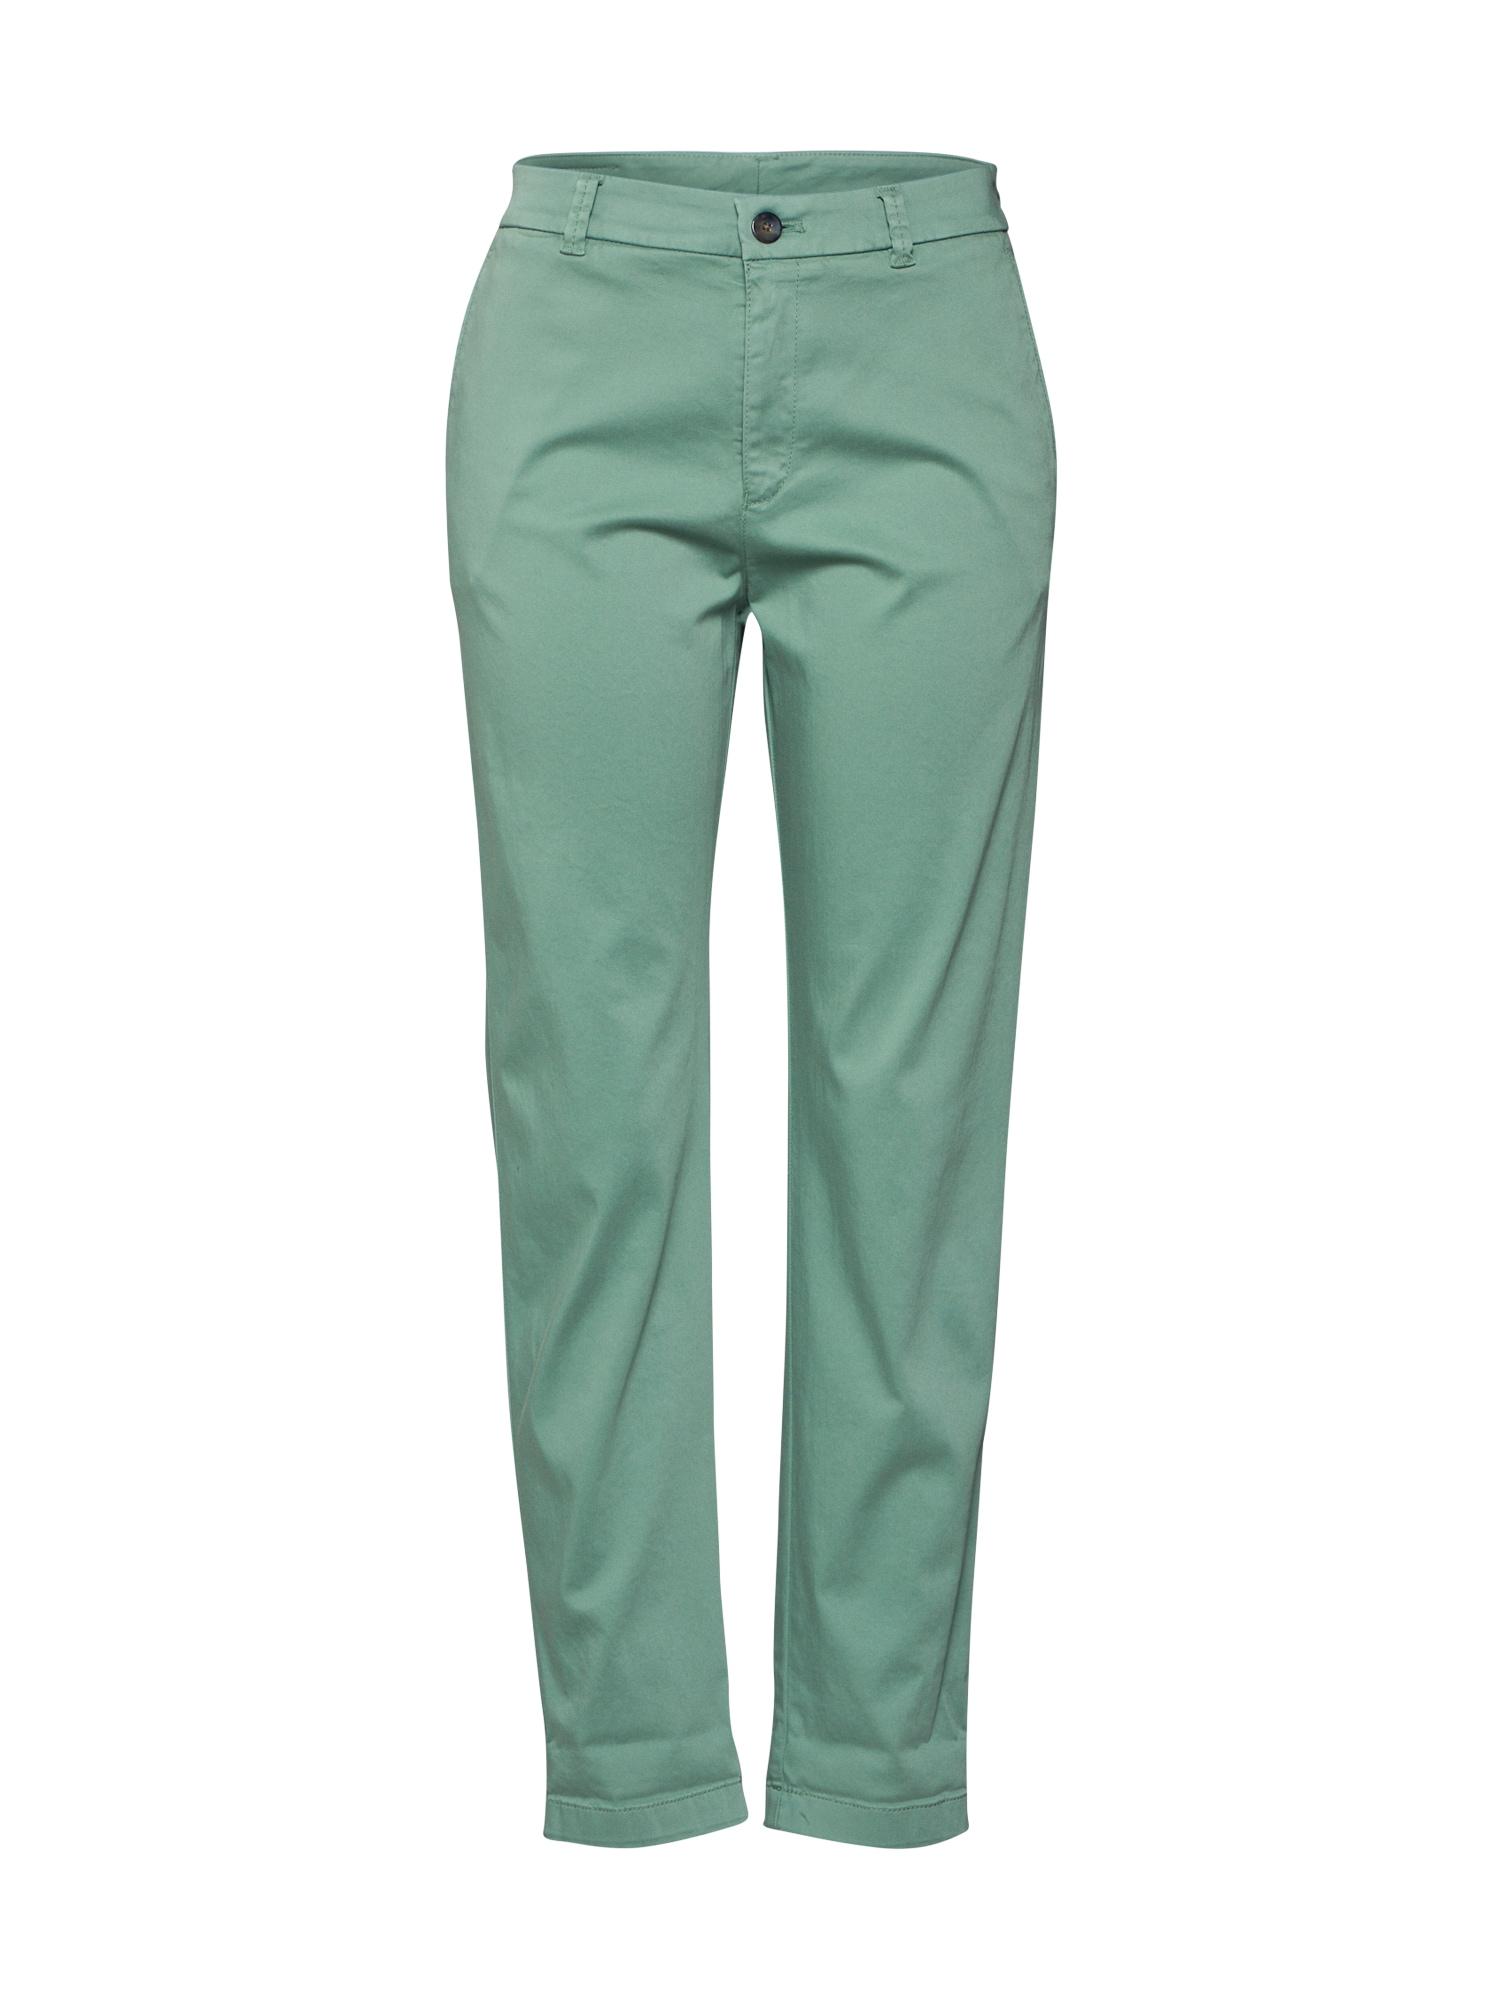 BOSS Chino stiliaus kelnės 'Sachini3-D' pastelinė žalia